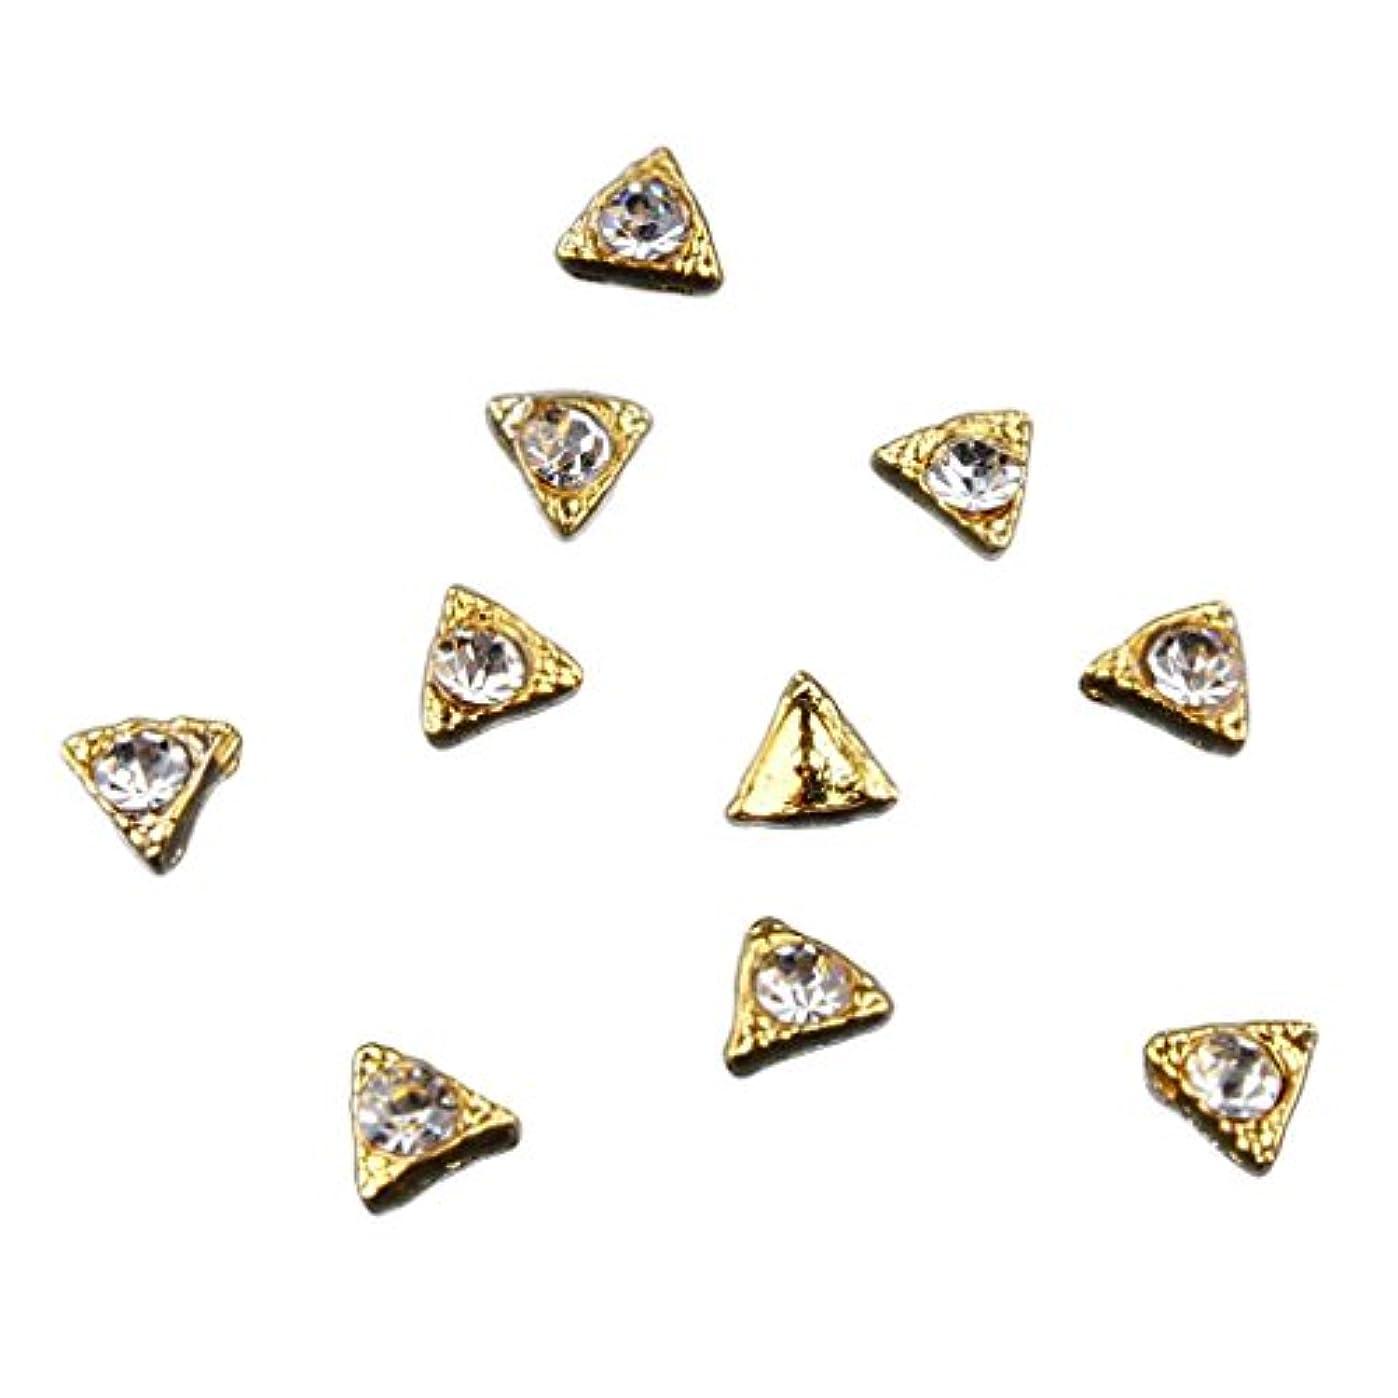 ライオネルグリーンストリート小麦粉復活するネイル ネイルデザイン ダイヤモンド 約50個 3Dネイルアート ヒントステッカー デコレーション おしゃれ 全8タイプ選べ - 7